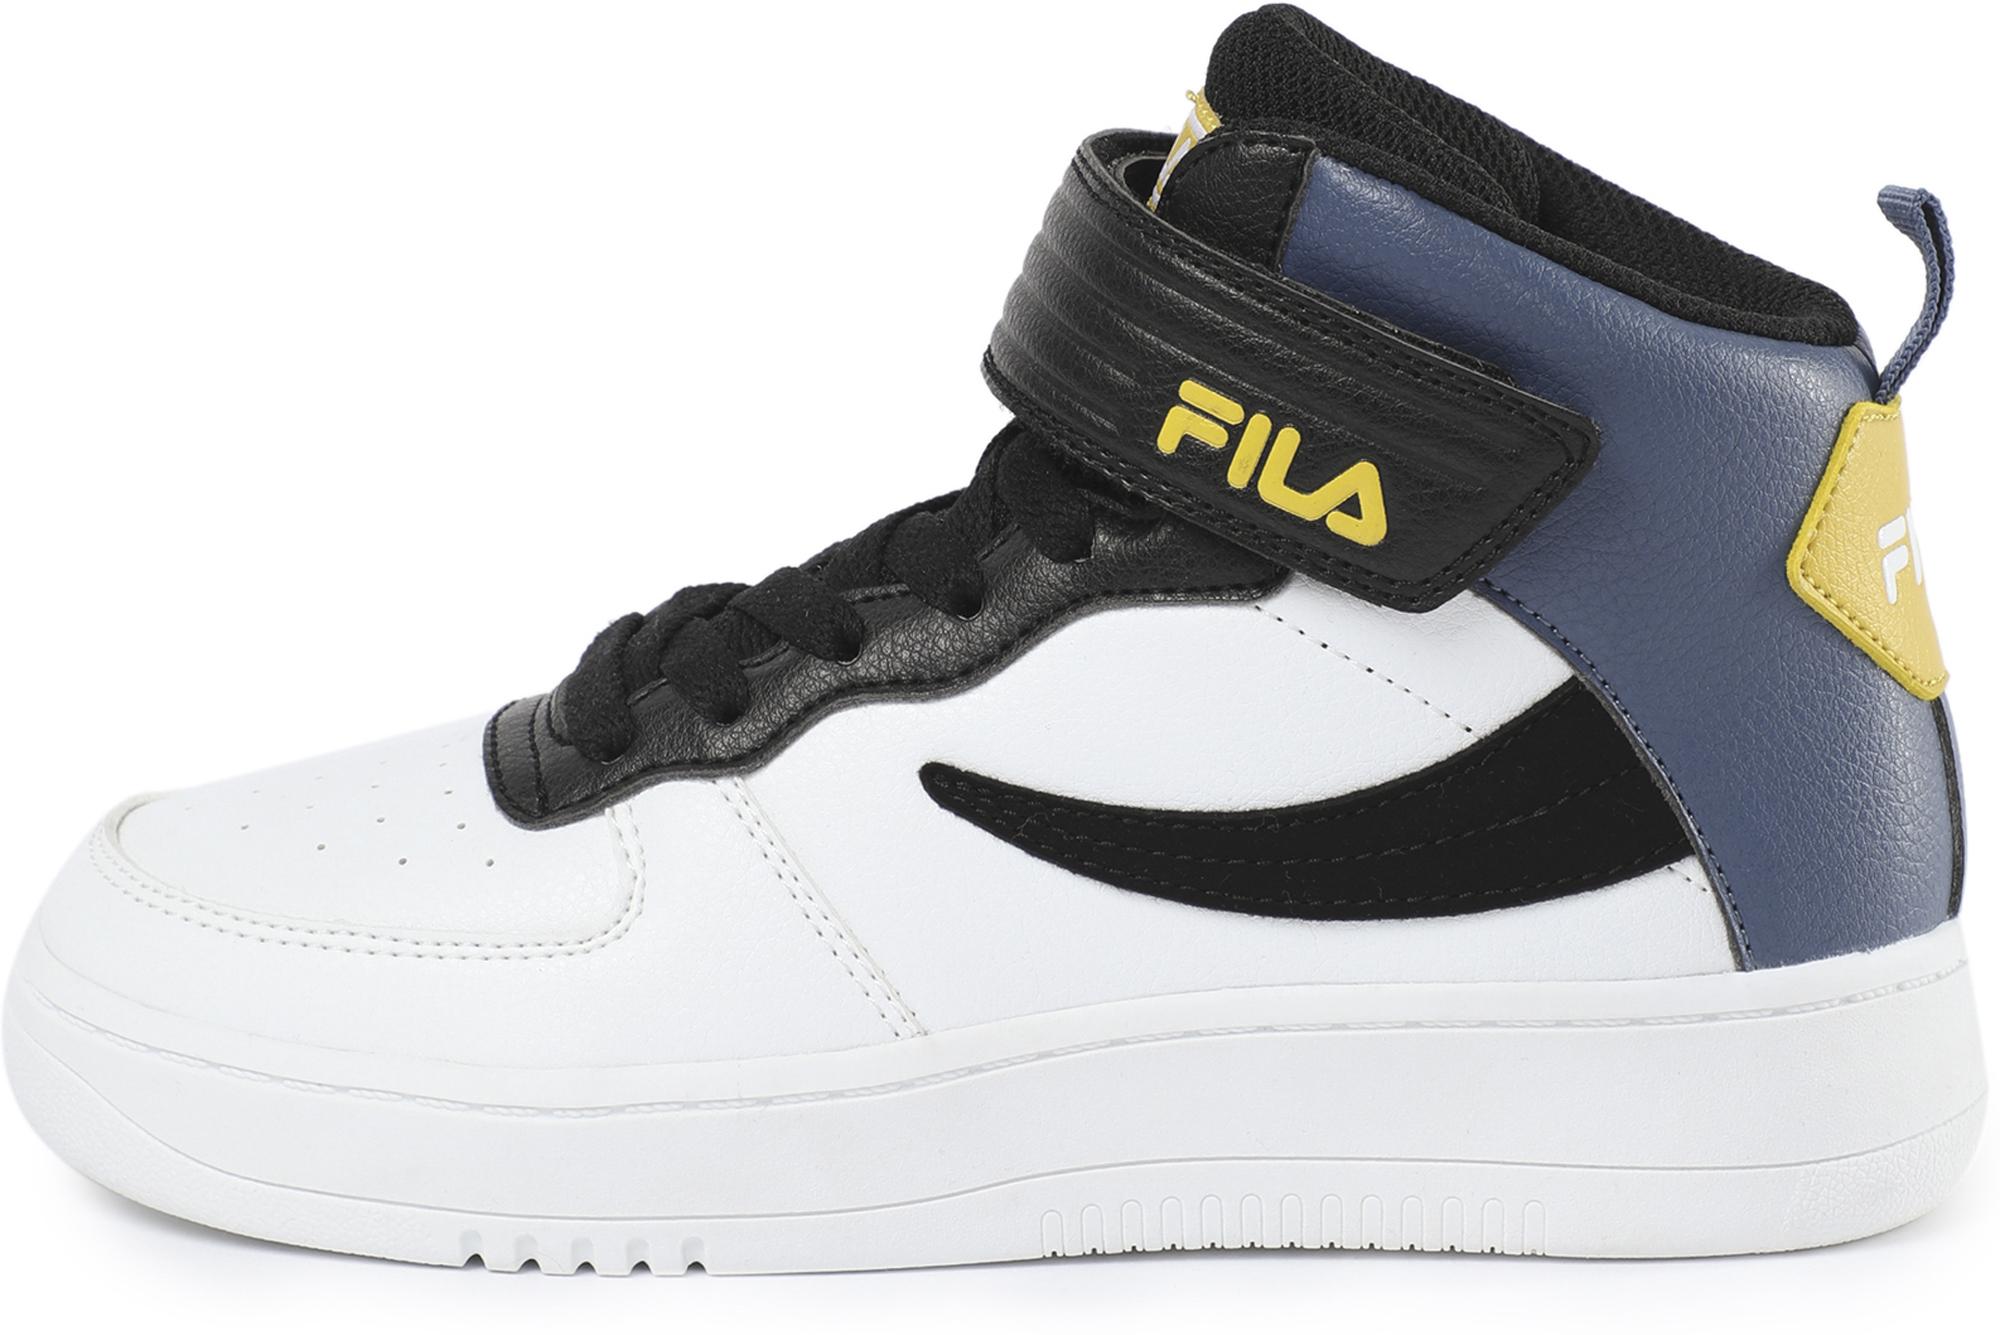 Fila Кеды высокие для мальчиков Fil High, размер 34